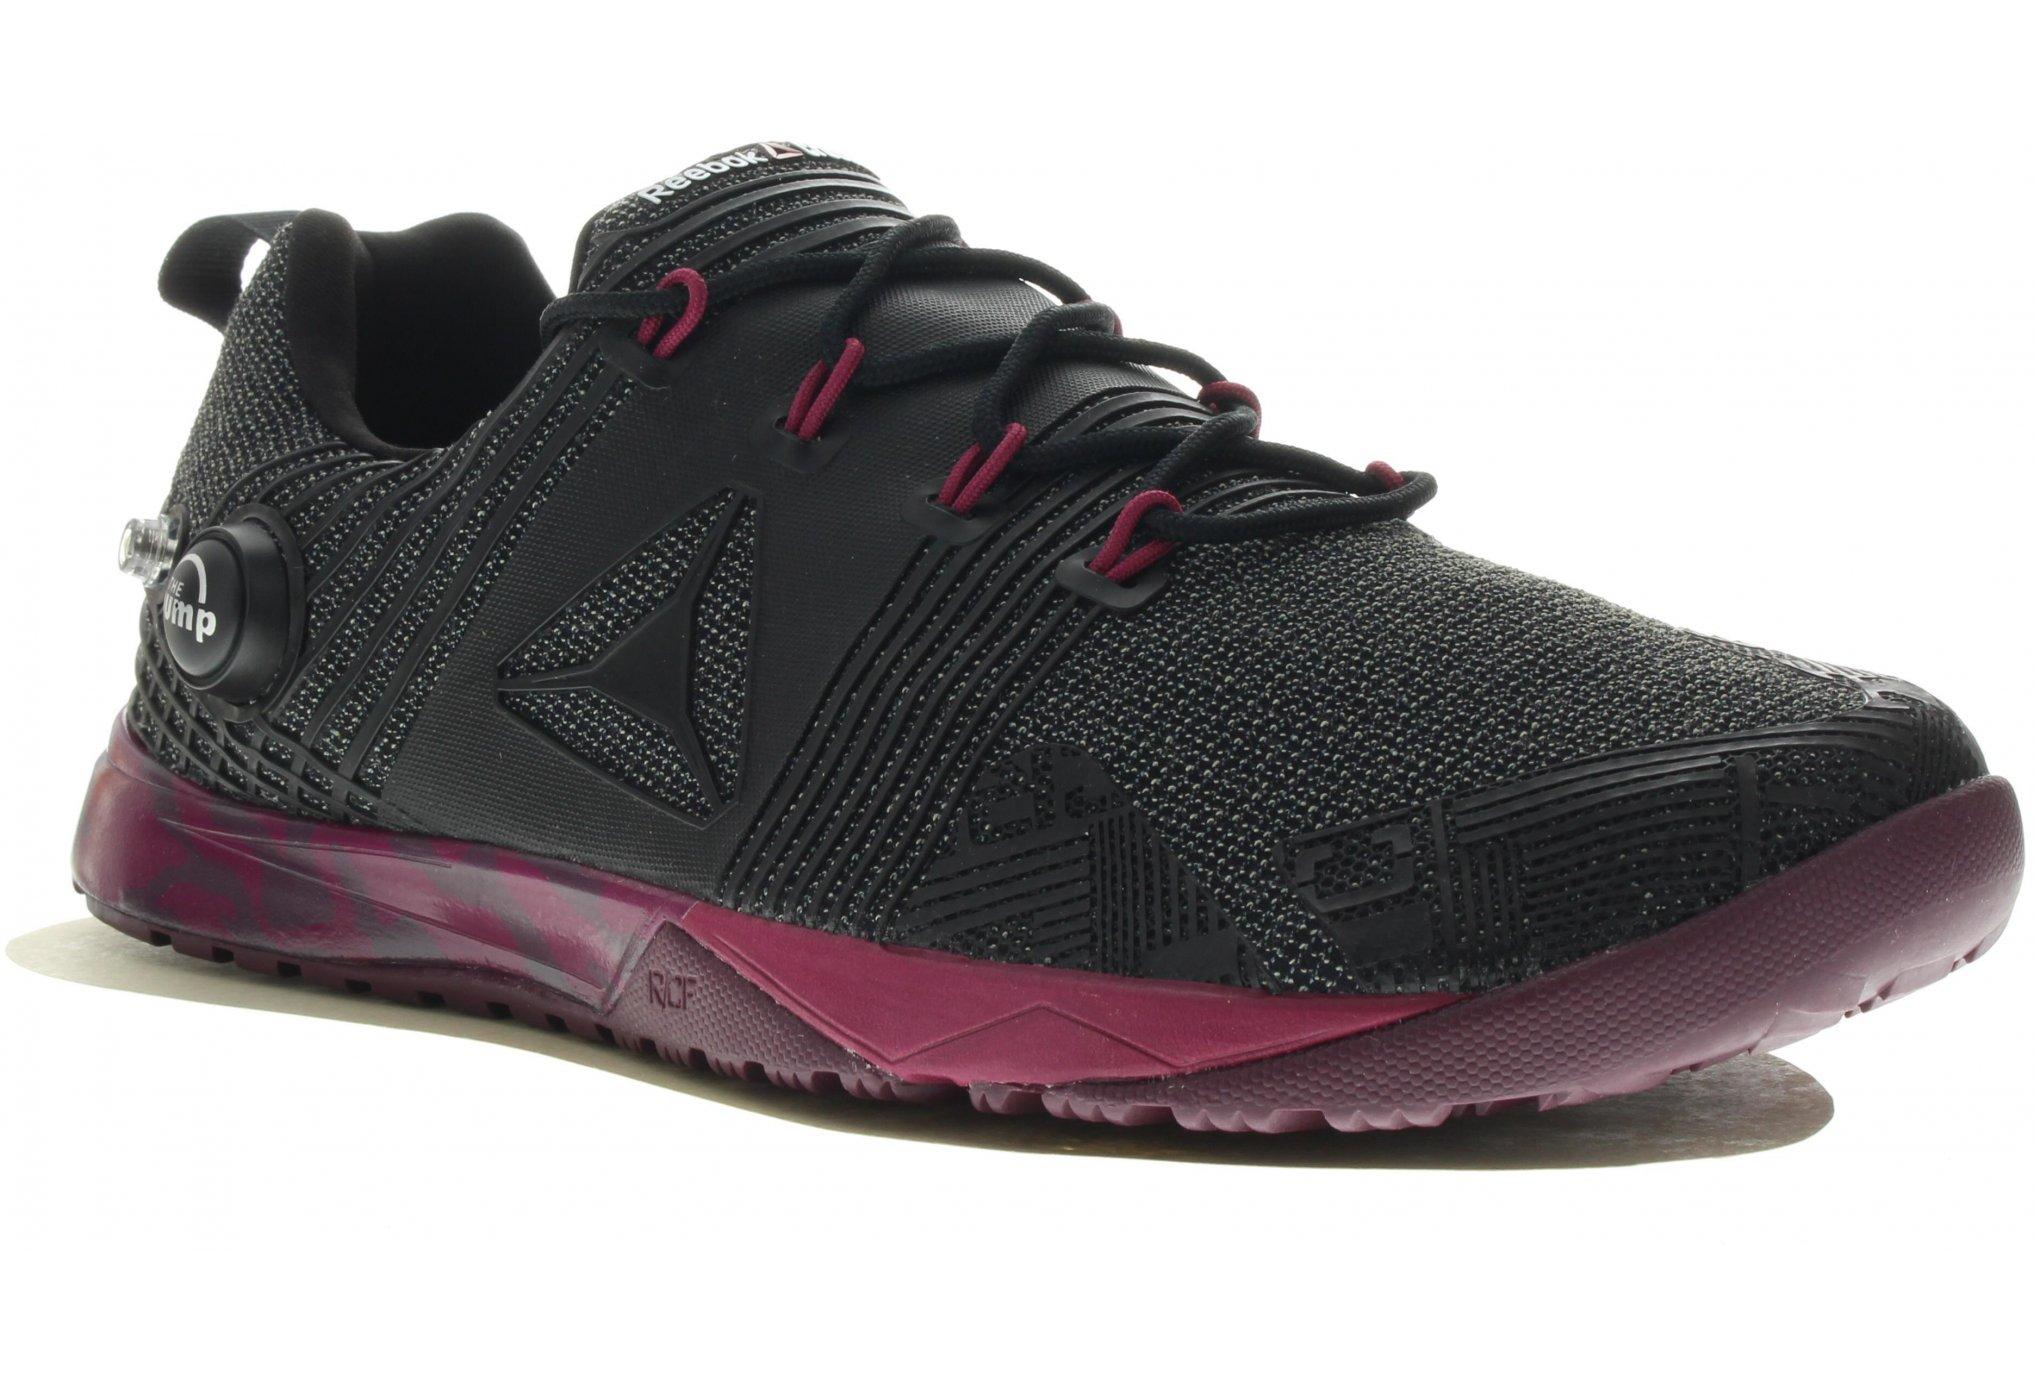 Diététique Nano Pump Crossfit Chaussures W Resathlon Reebok Fusion UHpntzW